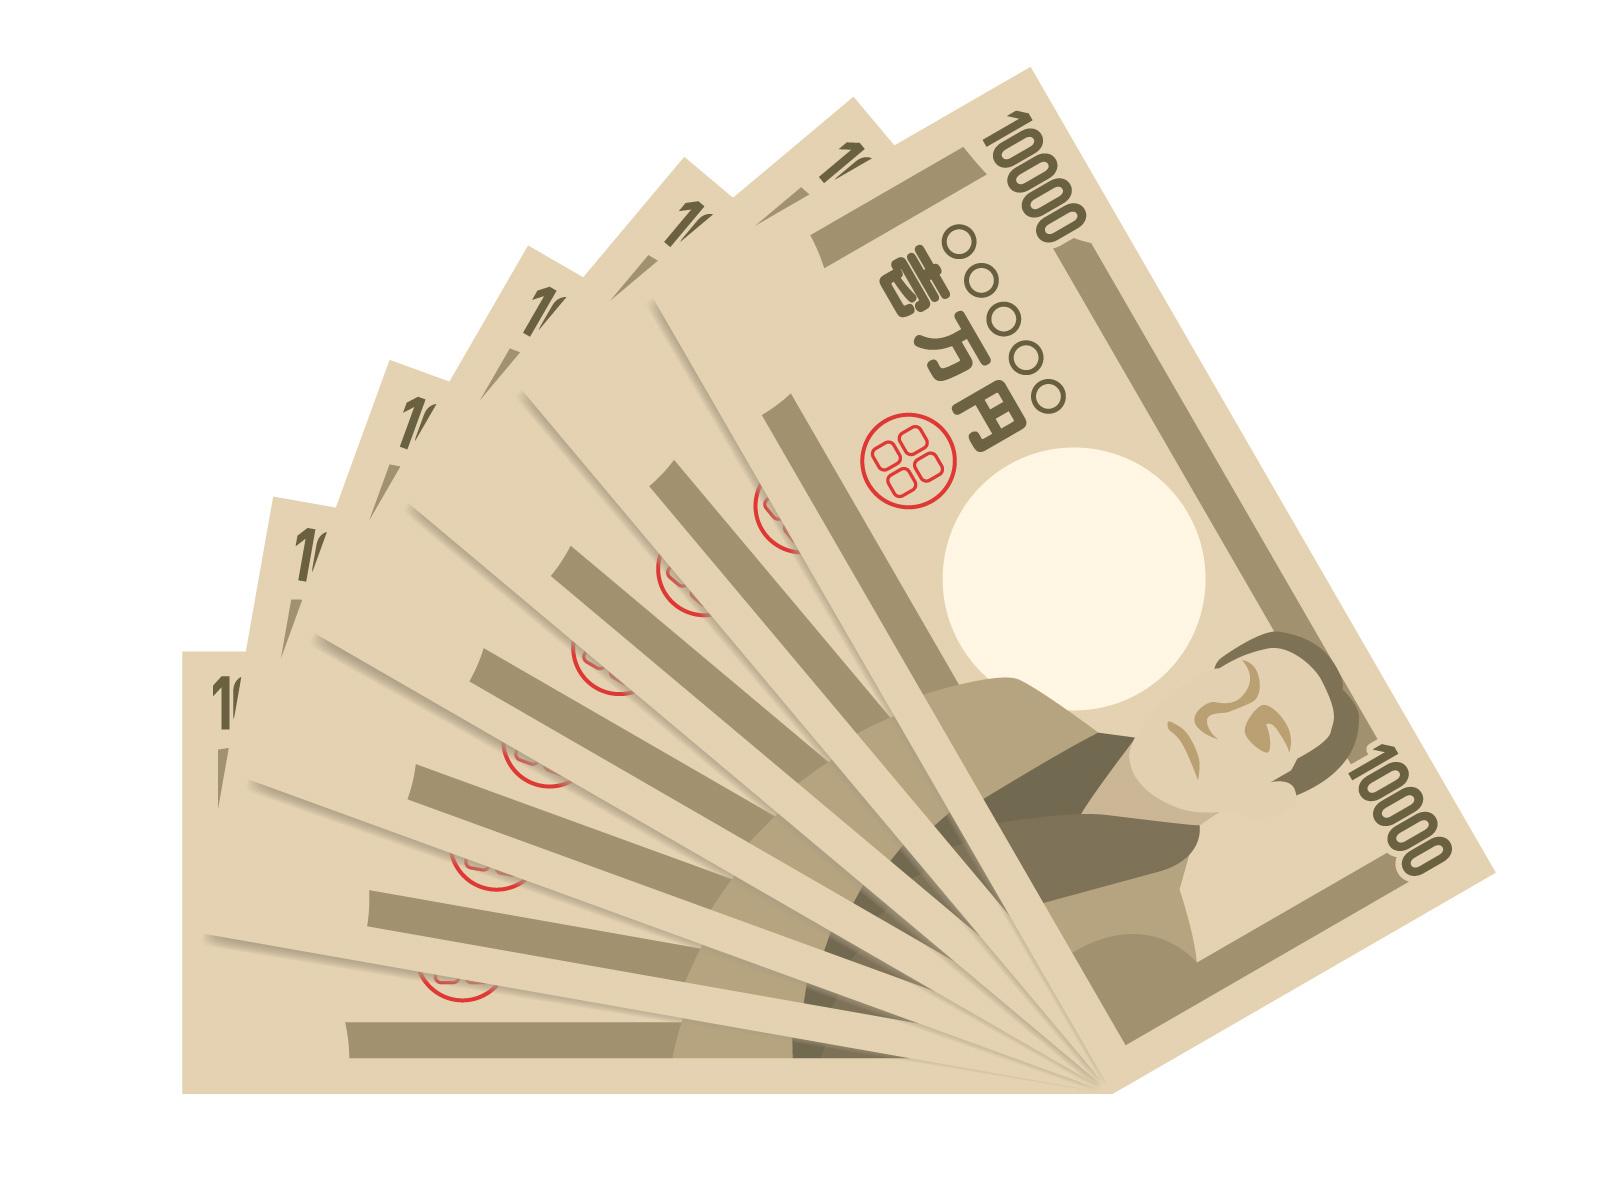 認知症の人のお金への執着。700万円を老人ホームの自室に保管